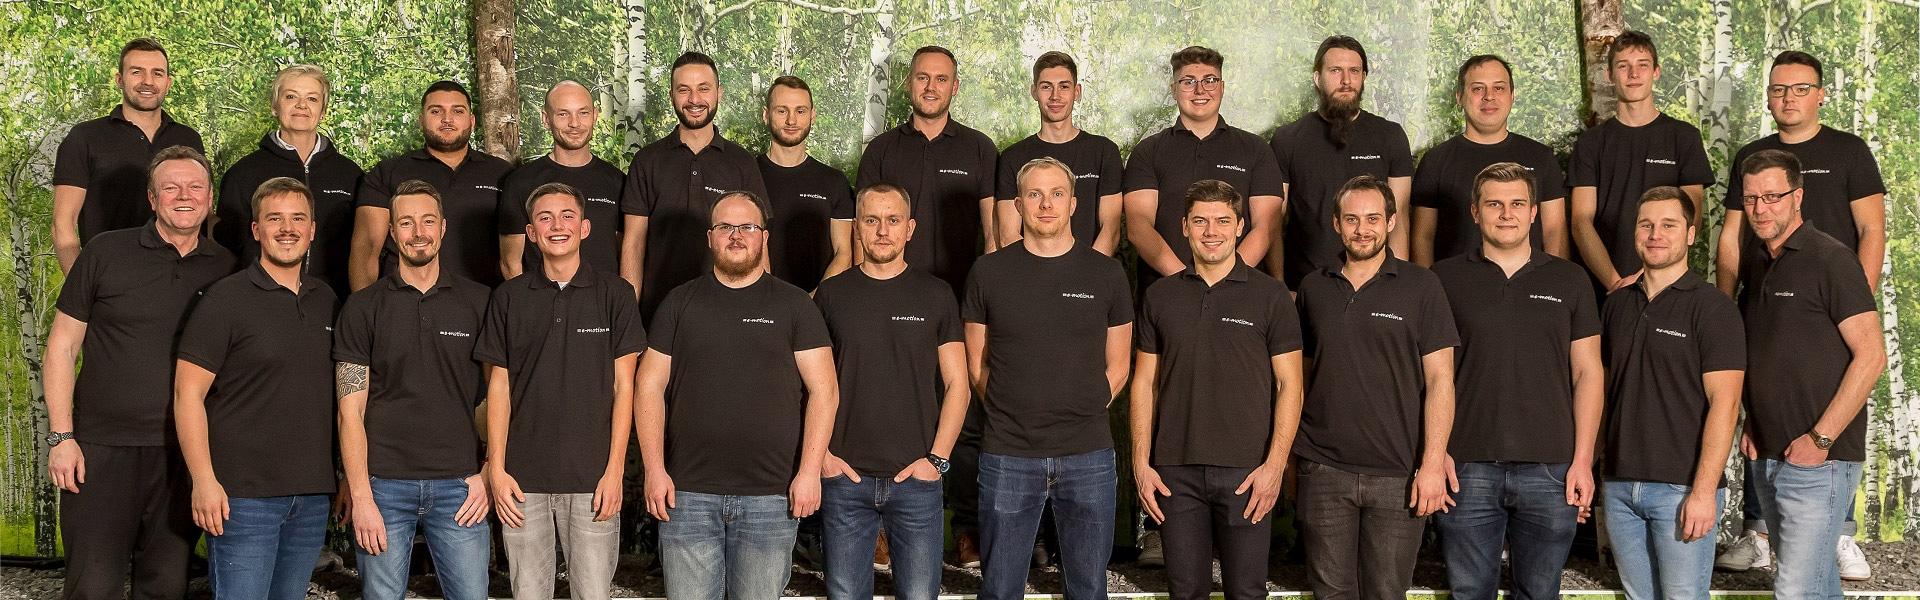 Das Team der e-motion e-Bike Welt Nürnberg